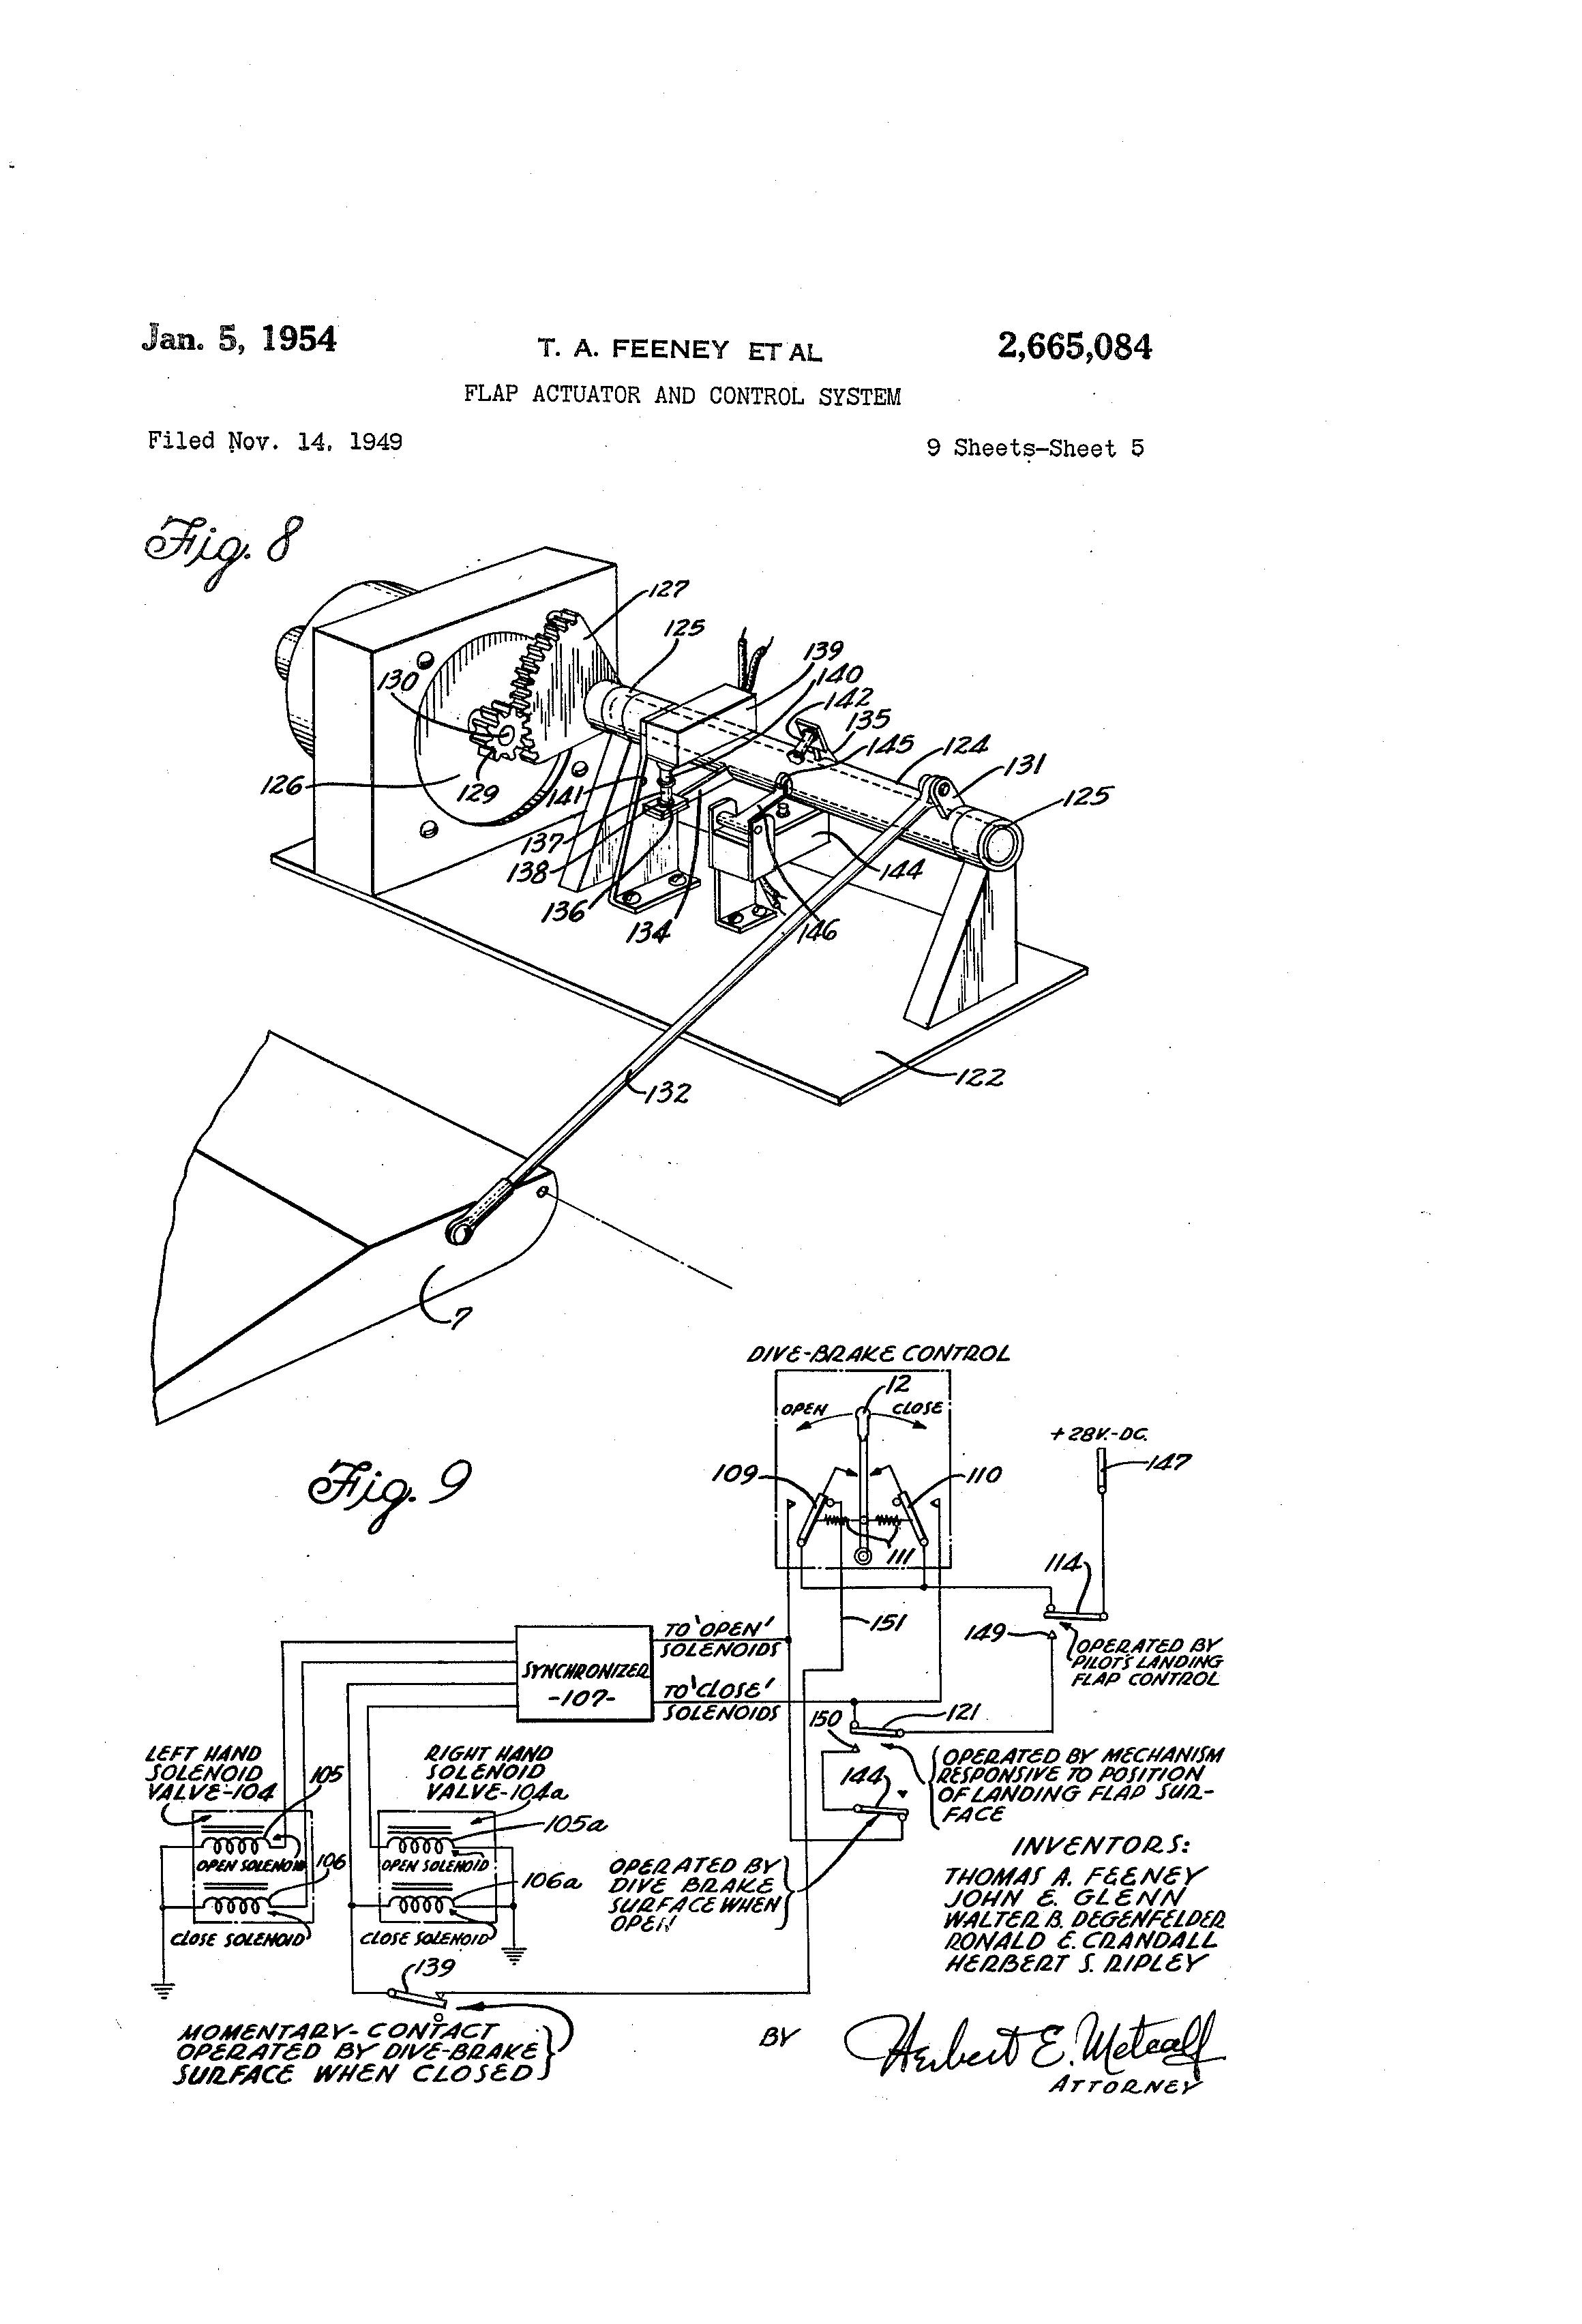 Subaru Camshaft Diagram - Wiring Diagrams List on